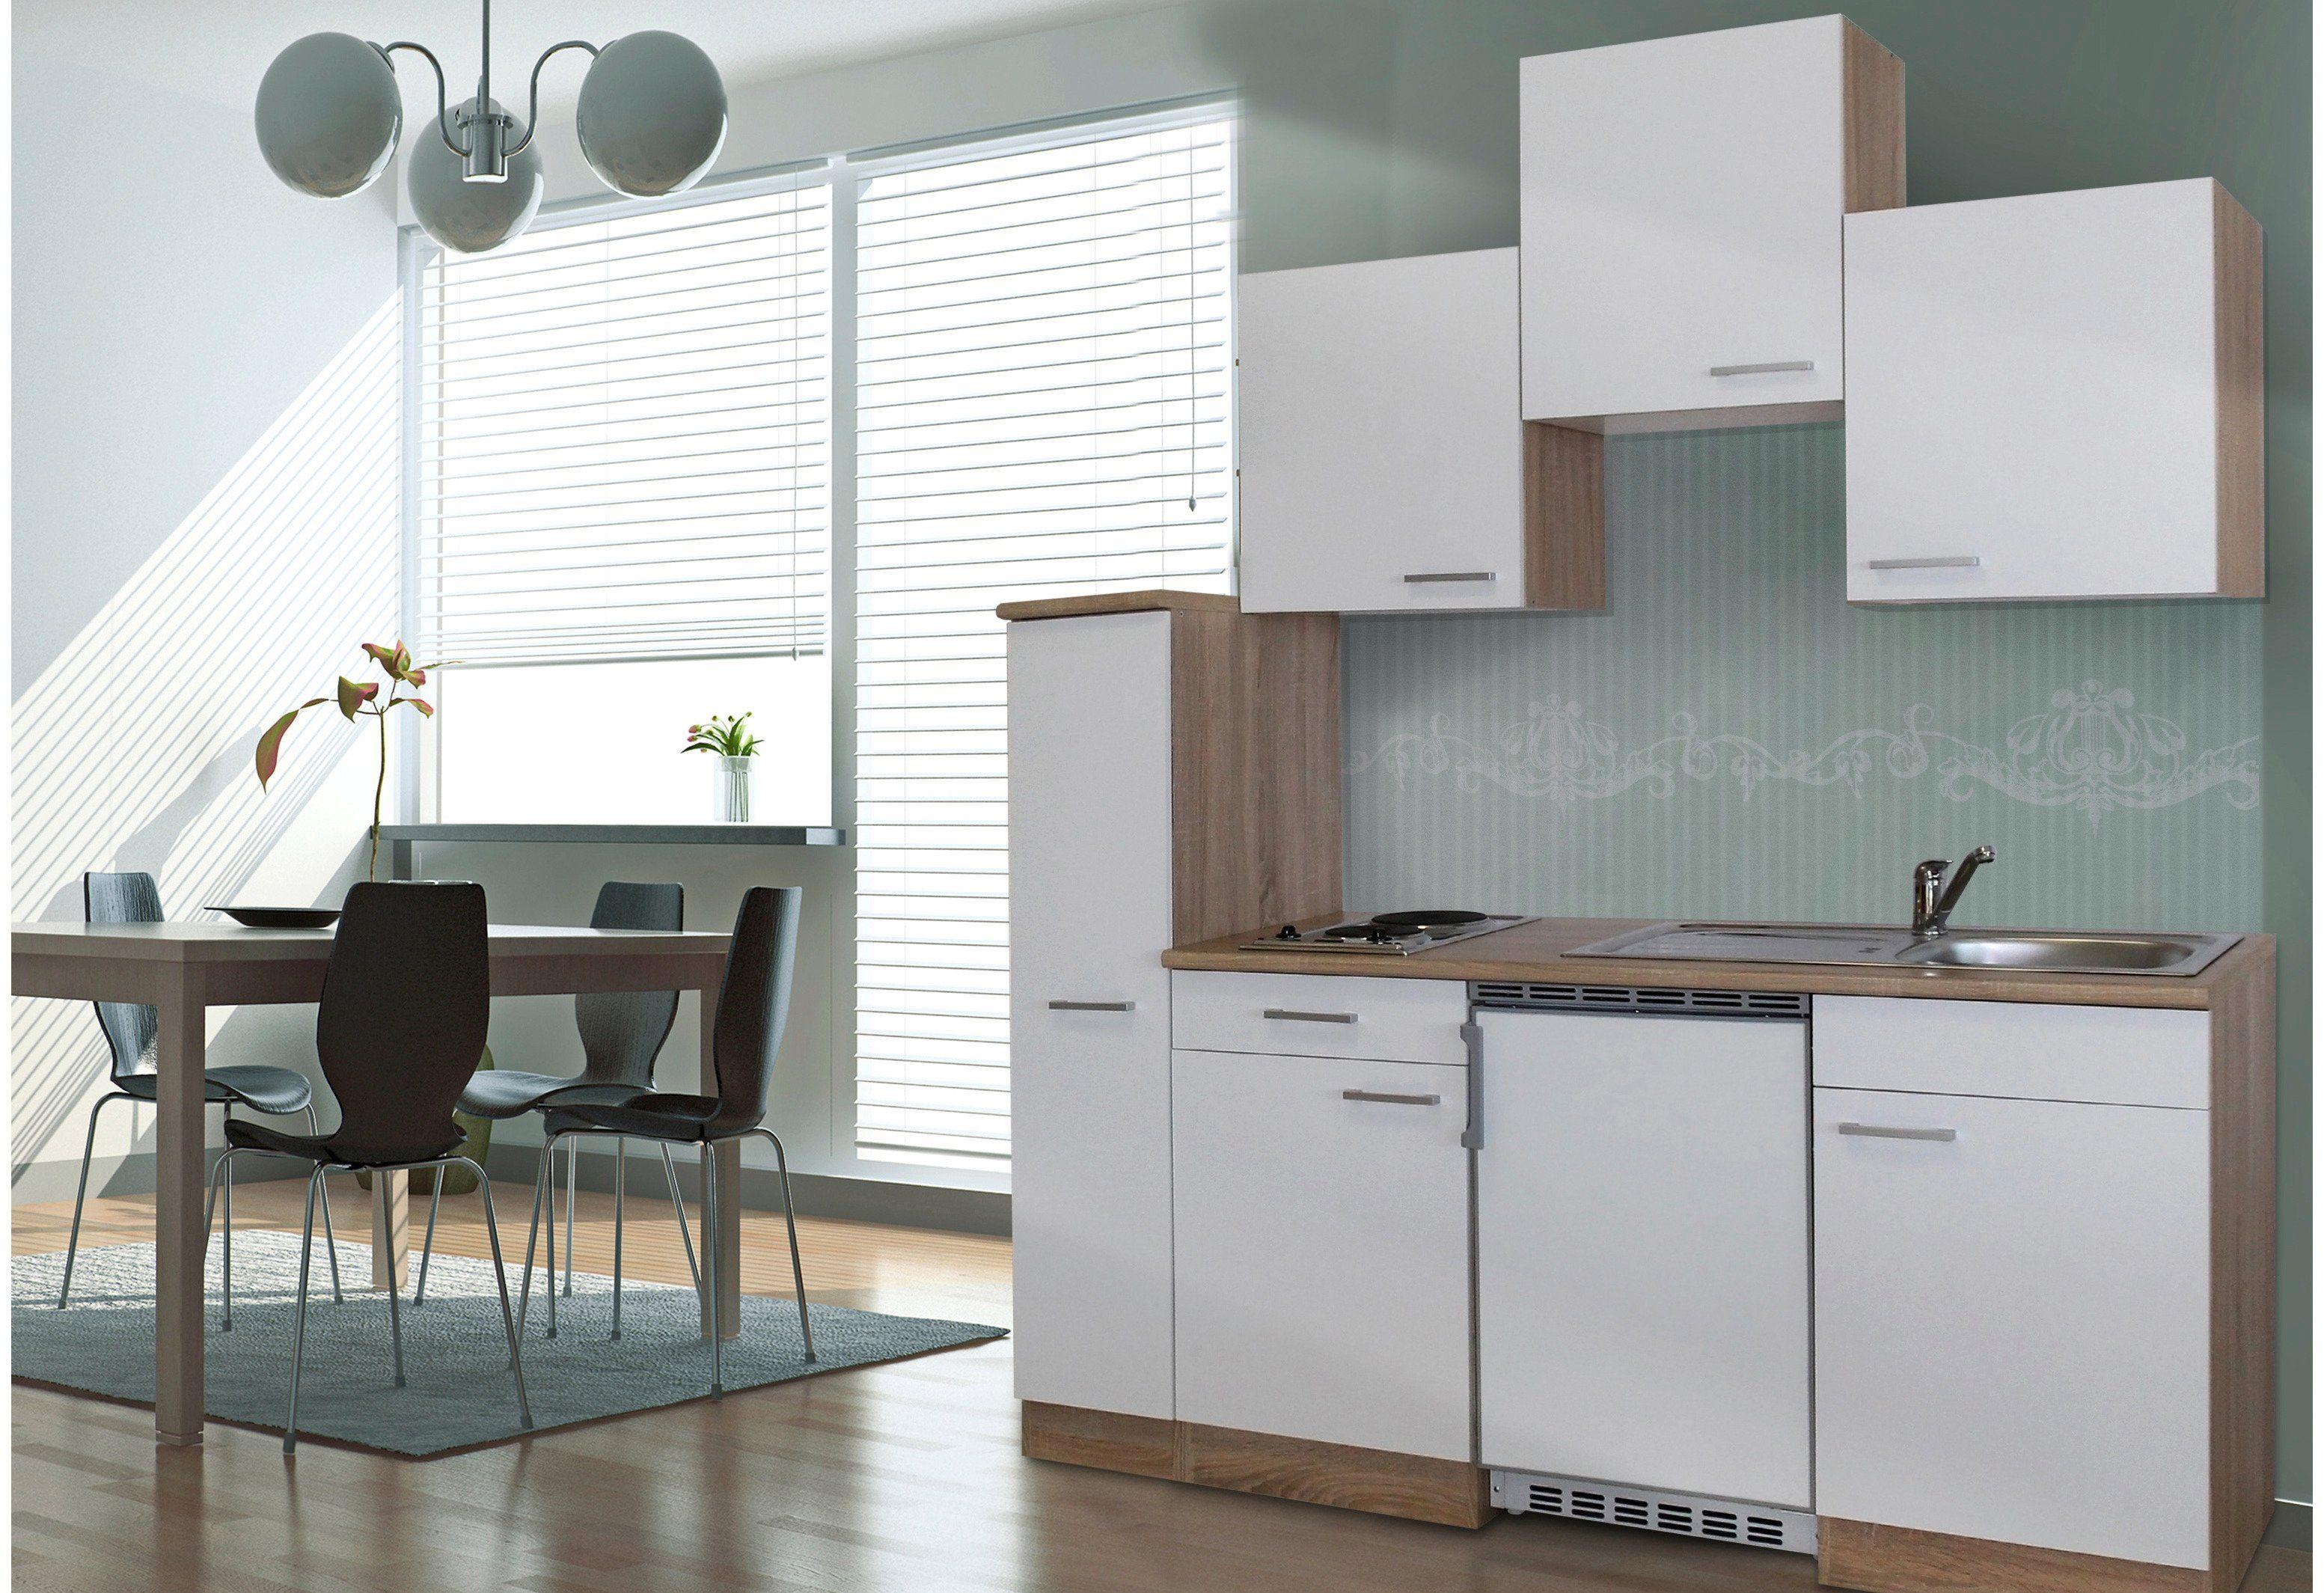 Miniküche Mit Kühlschrank Toom : Singleküche miniküchen online kaufen otto